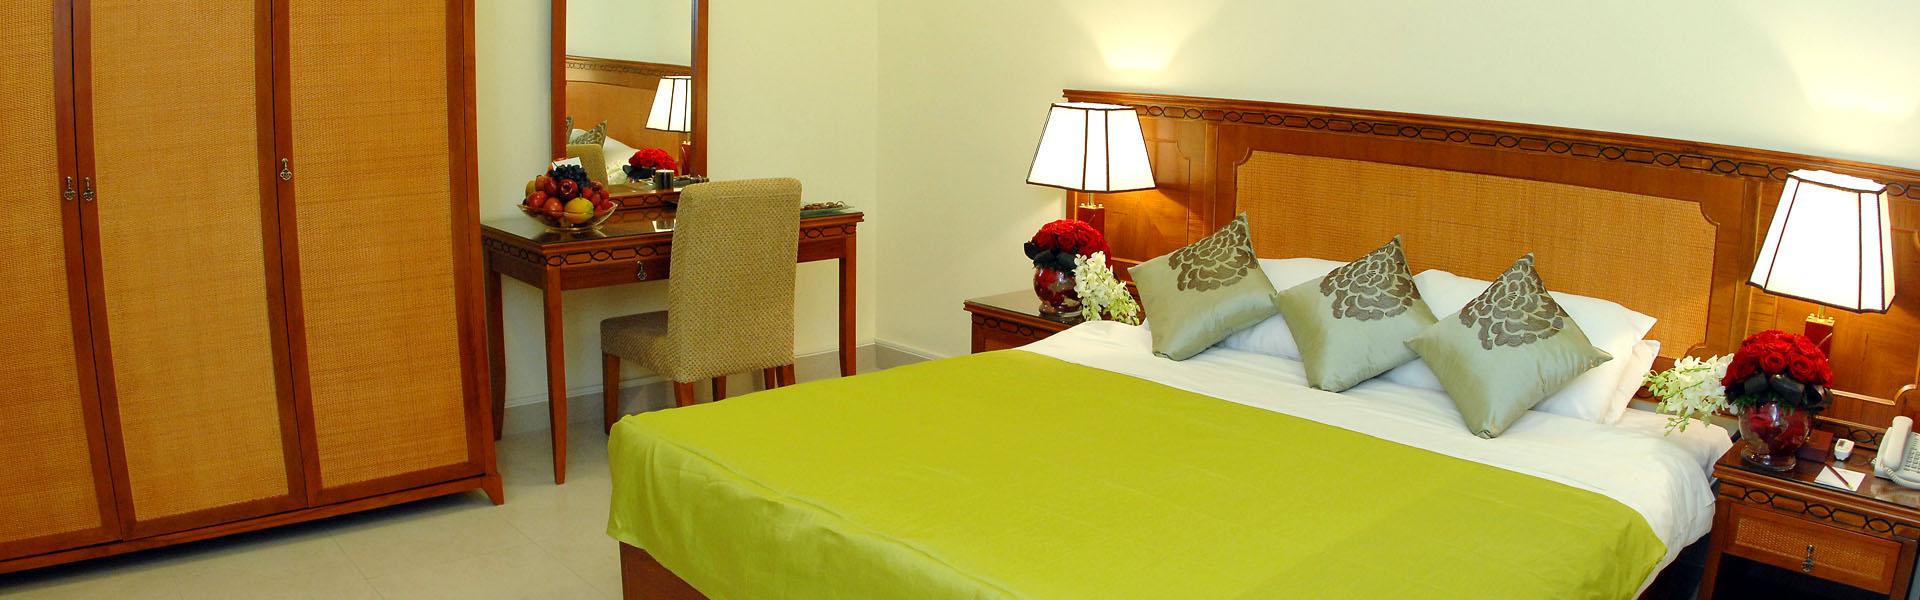 room_1single